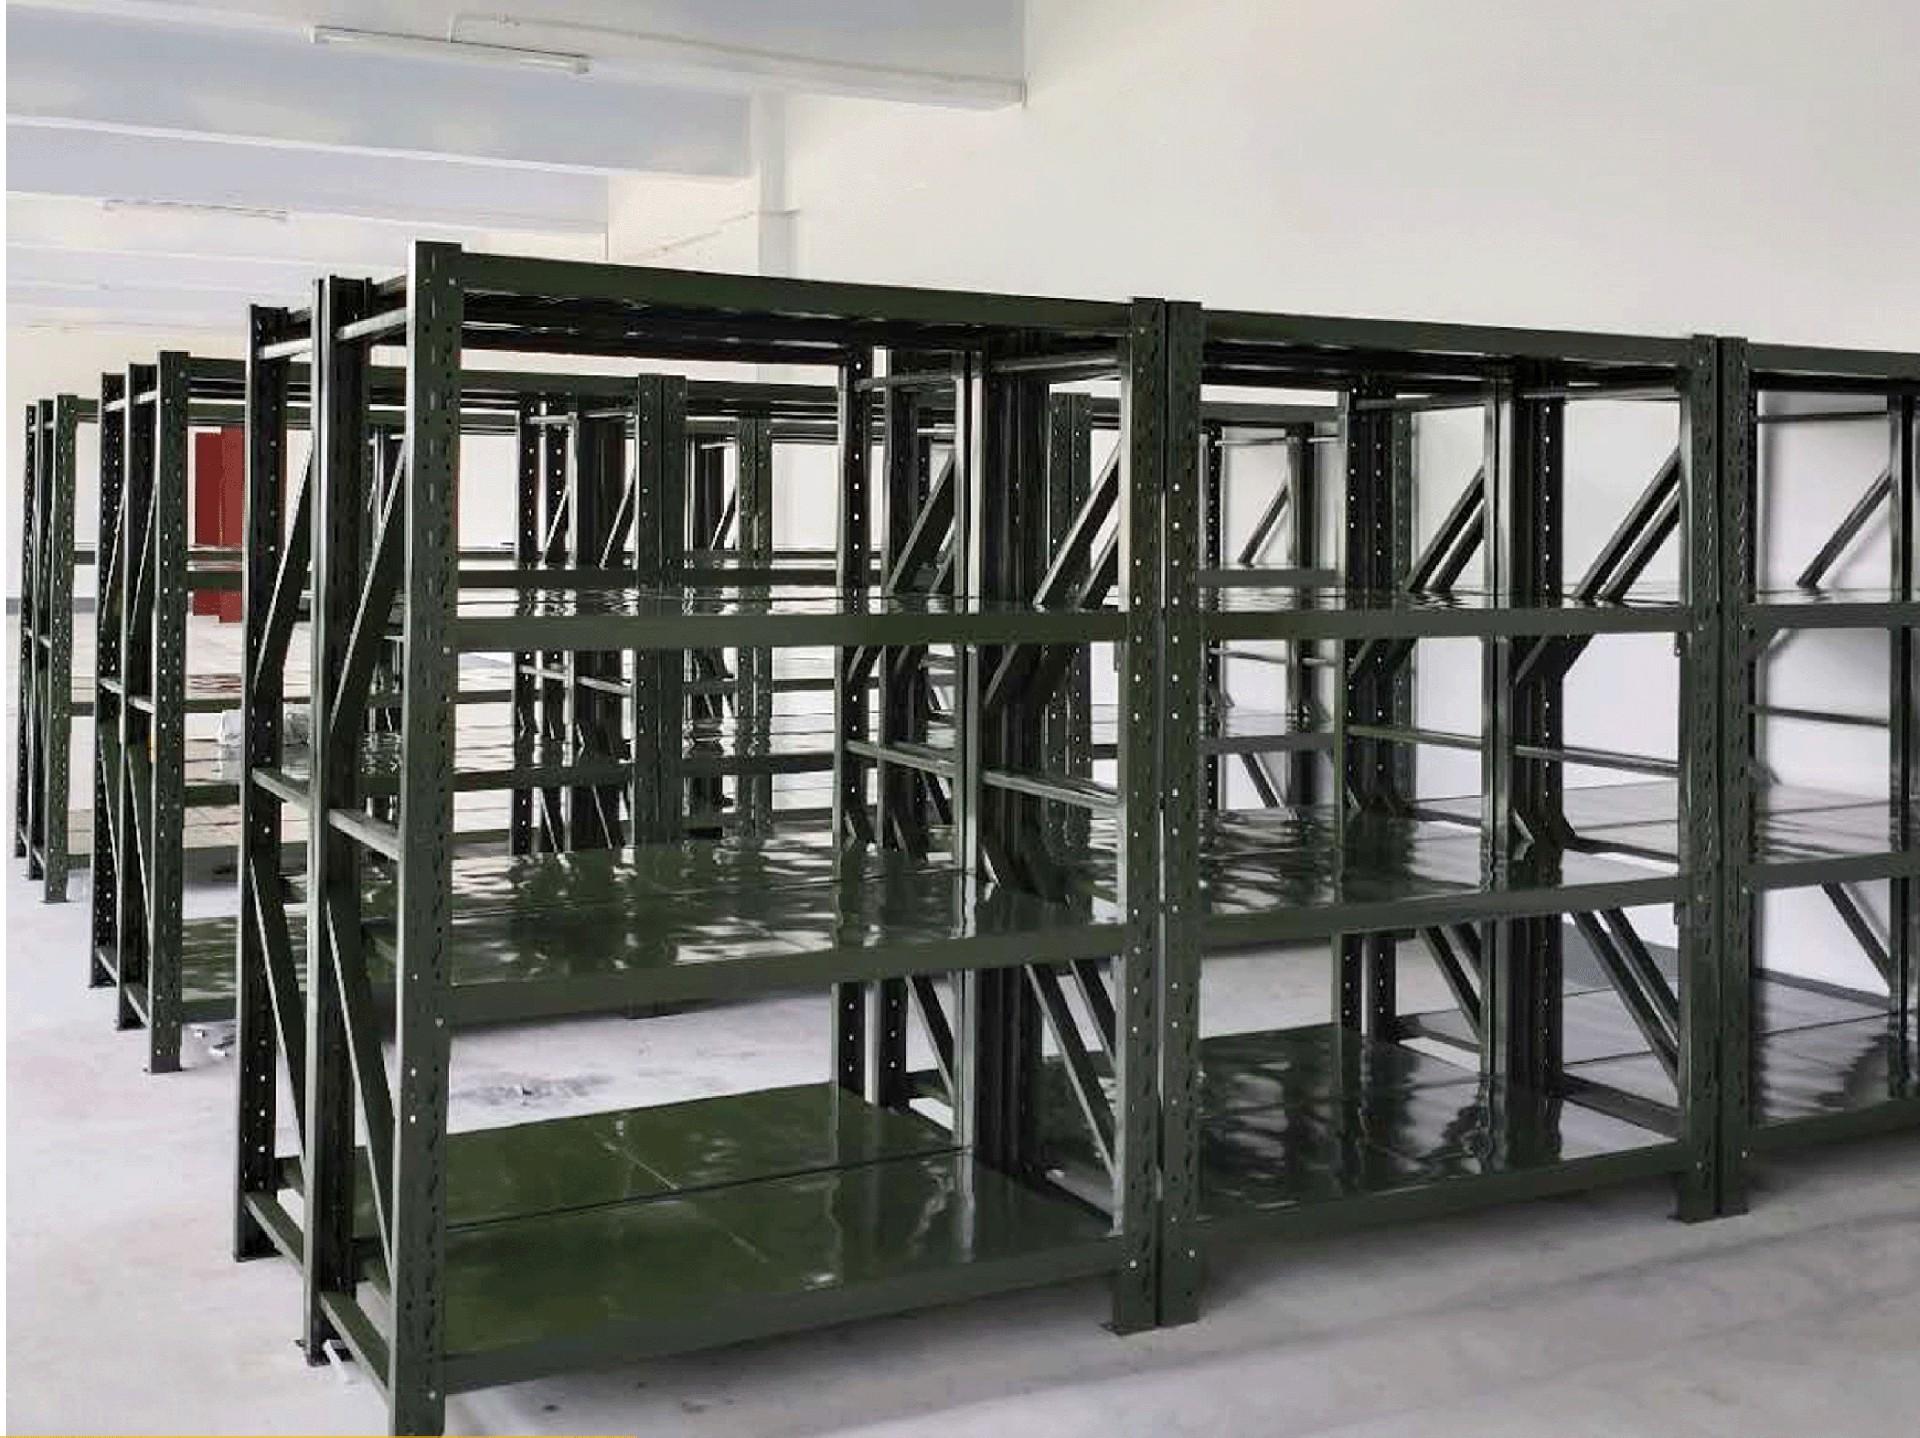 仓储货架层板要满足哪些要求?